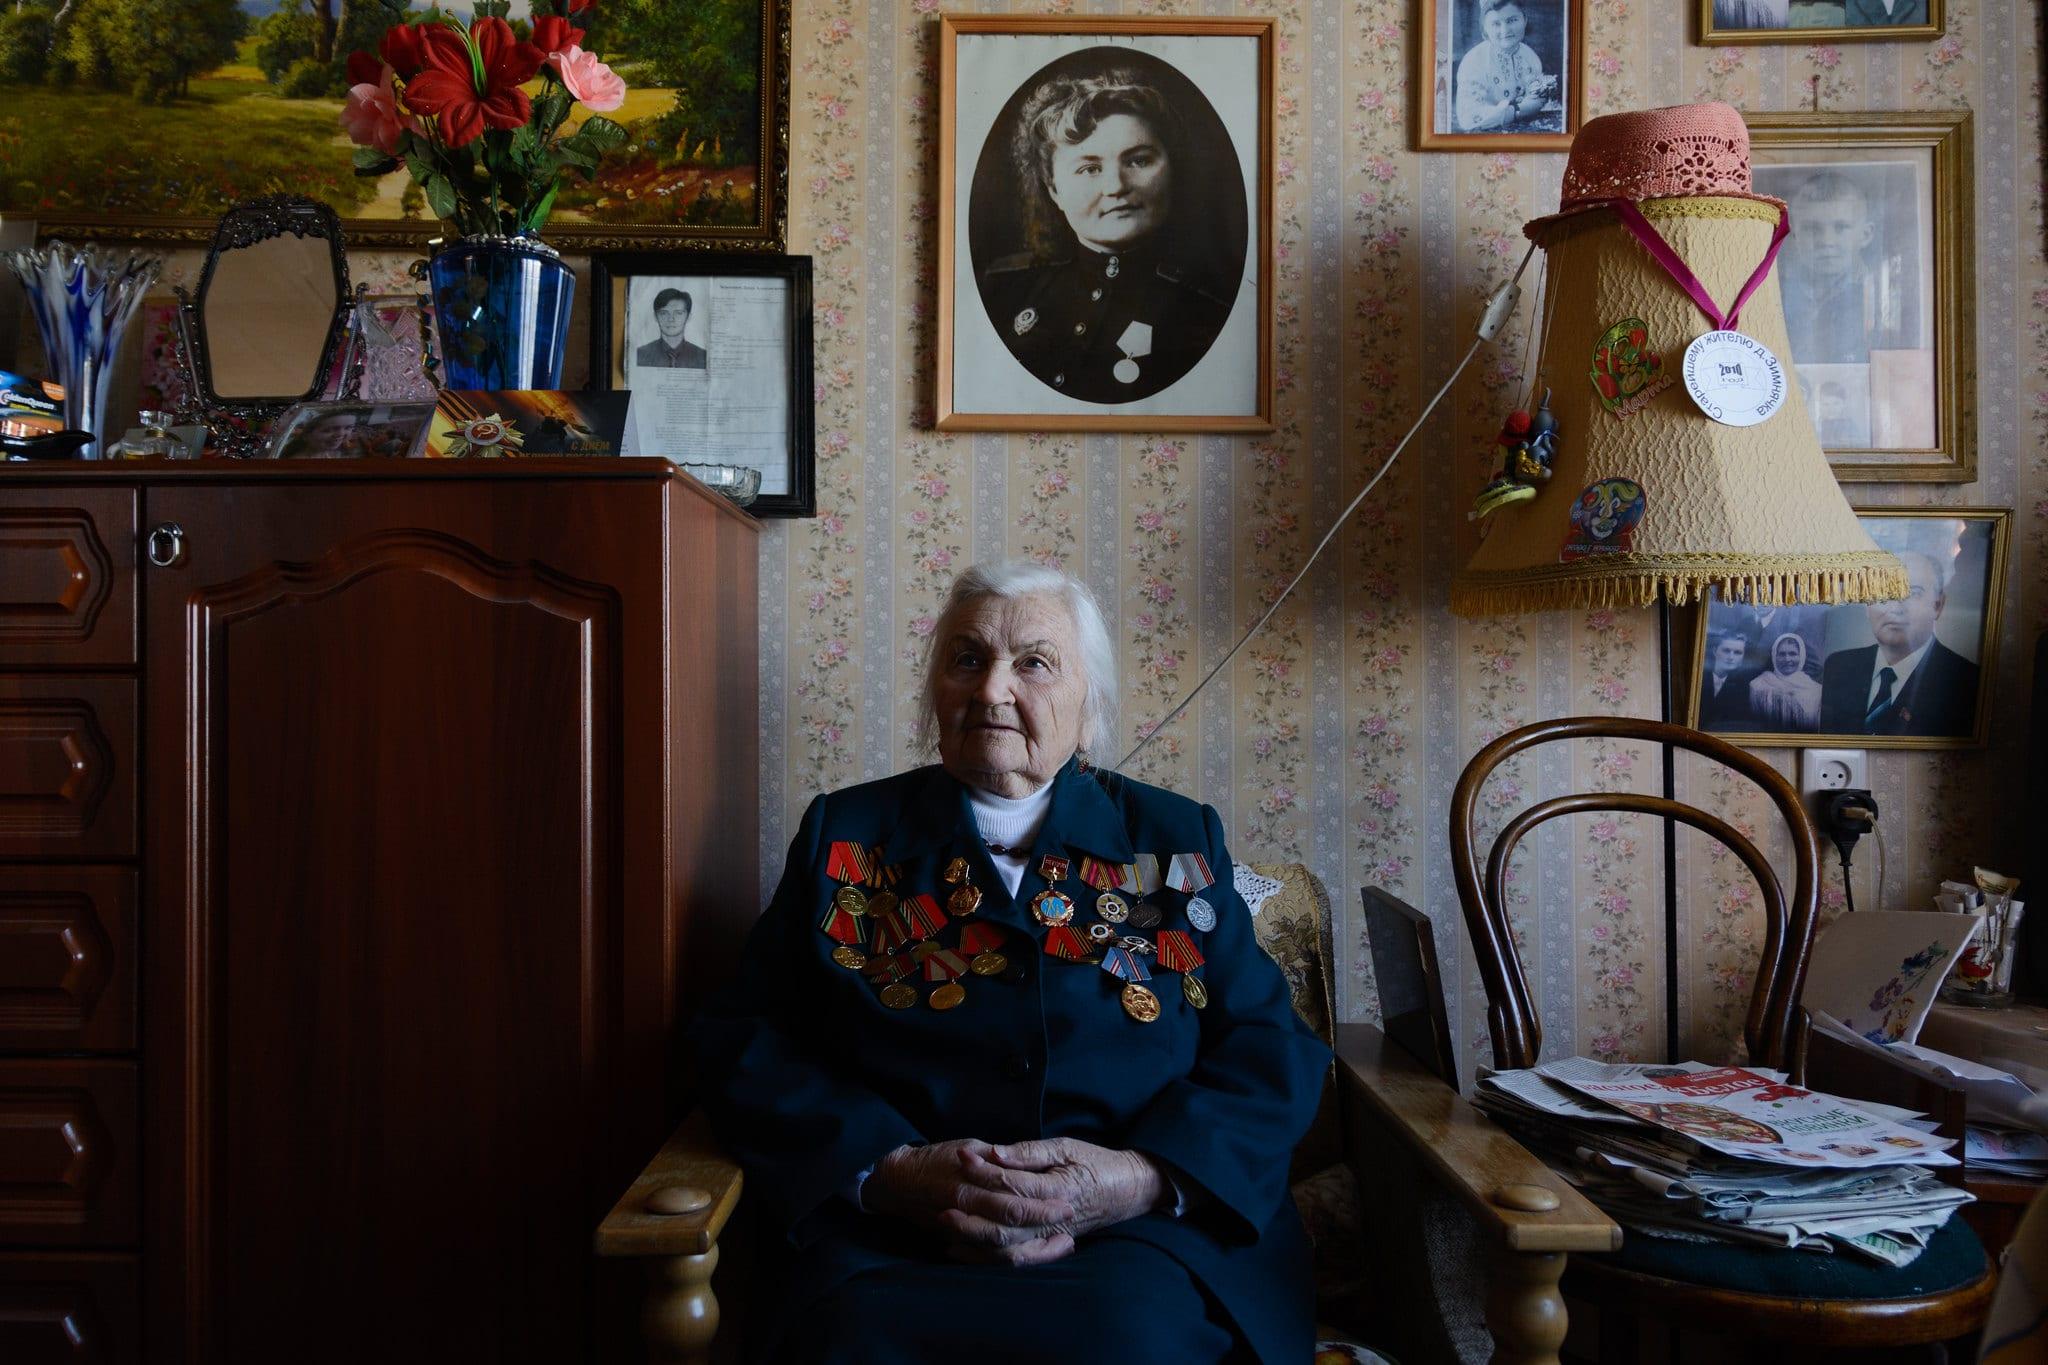 Проблема жилья для ветеранов ВОВ до сих пор не решена, хоть это обещали сделать